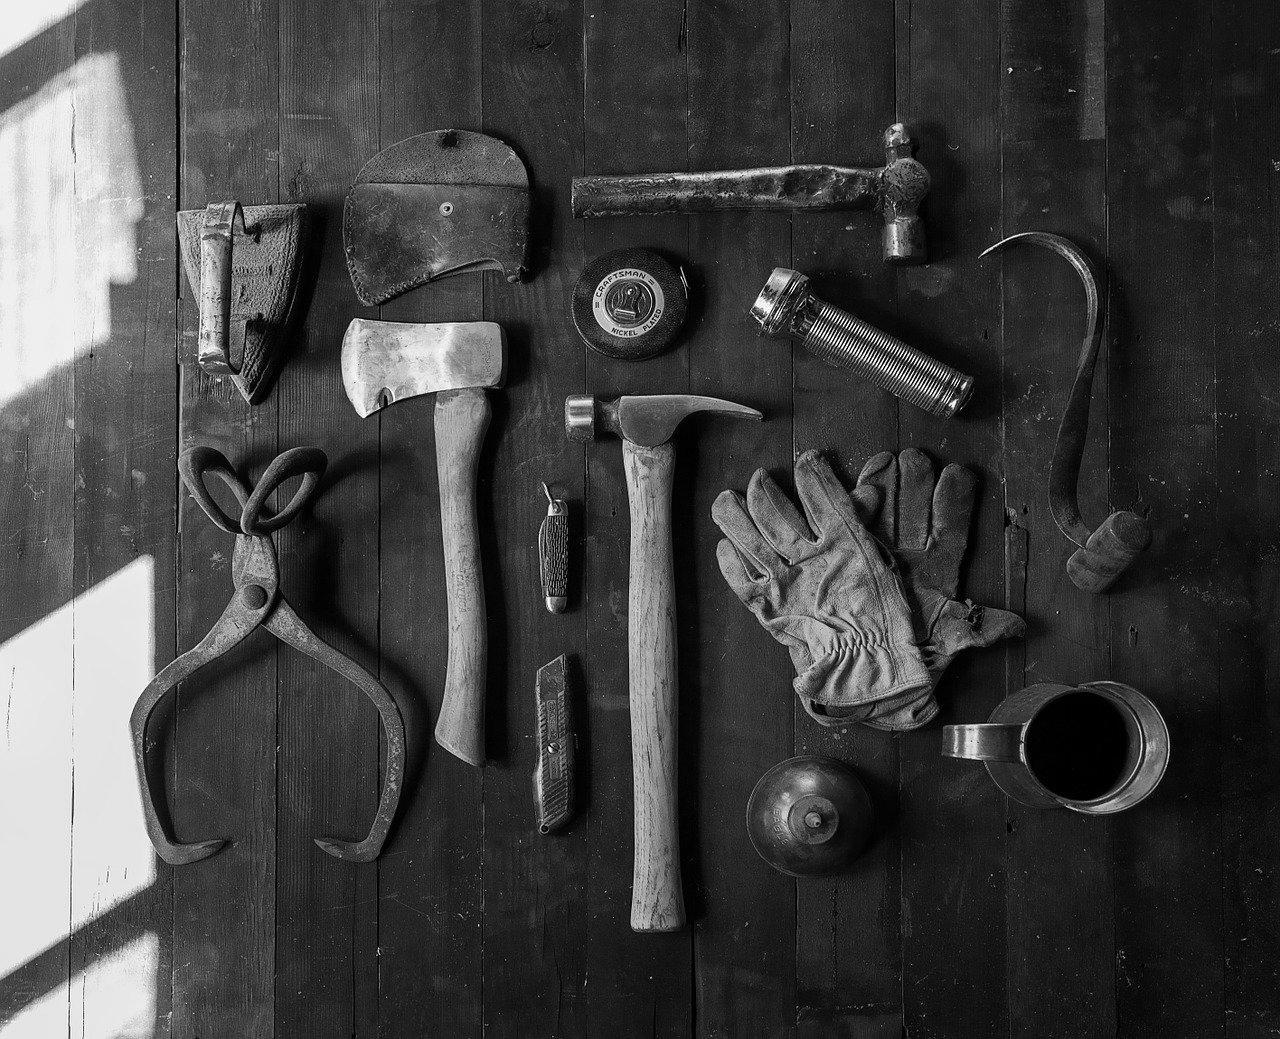 Extension ossature bois à Canet-en-roussillon 66140 : Devis et tarifs